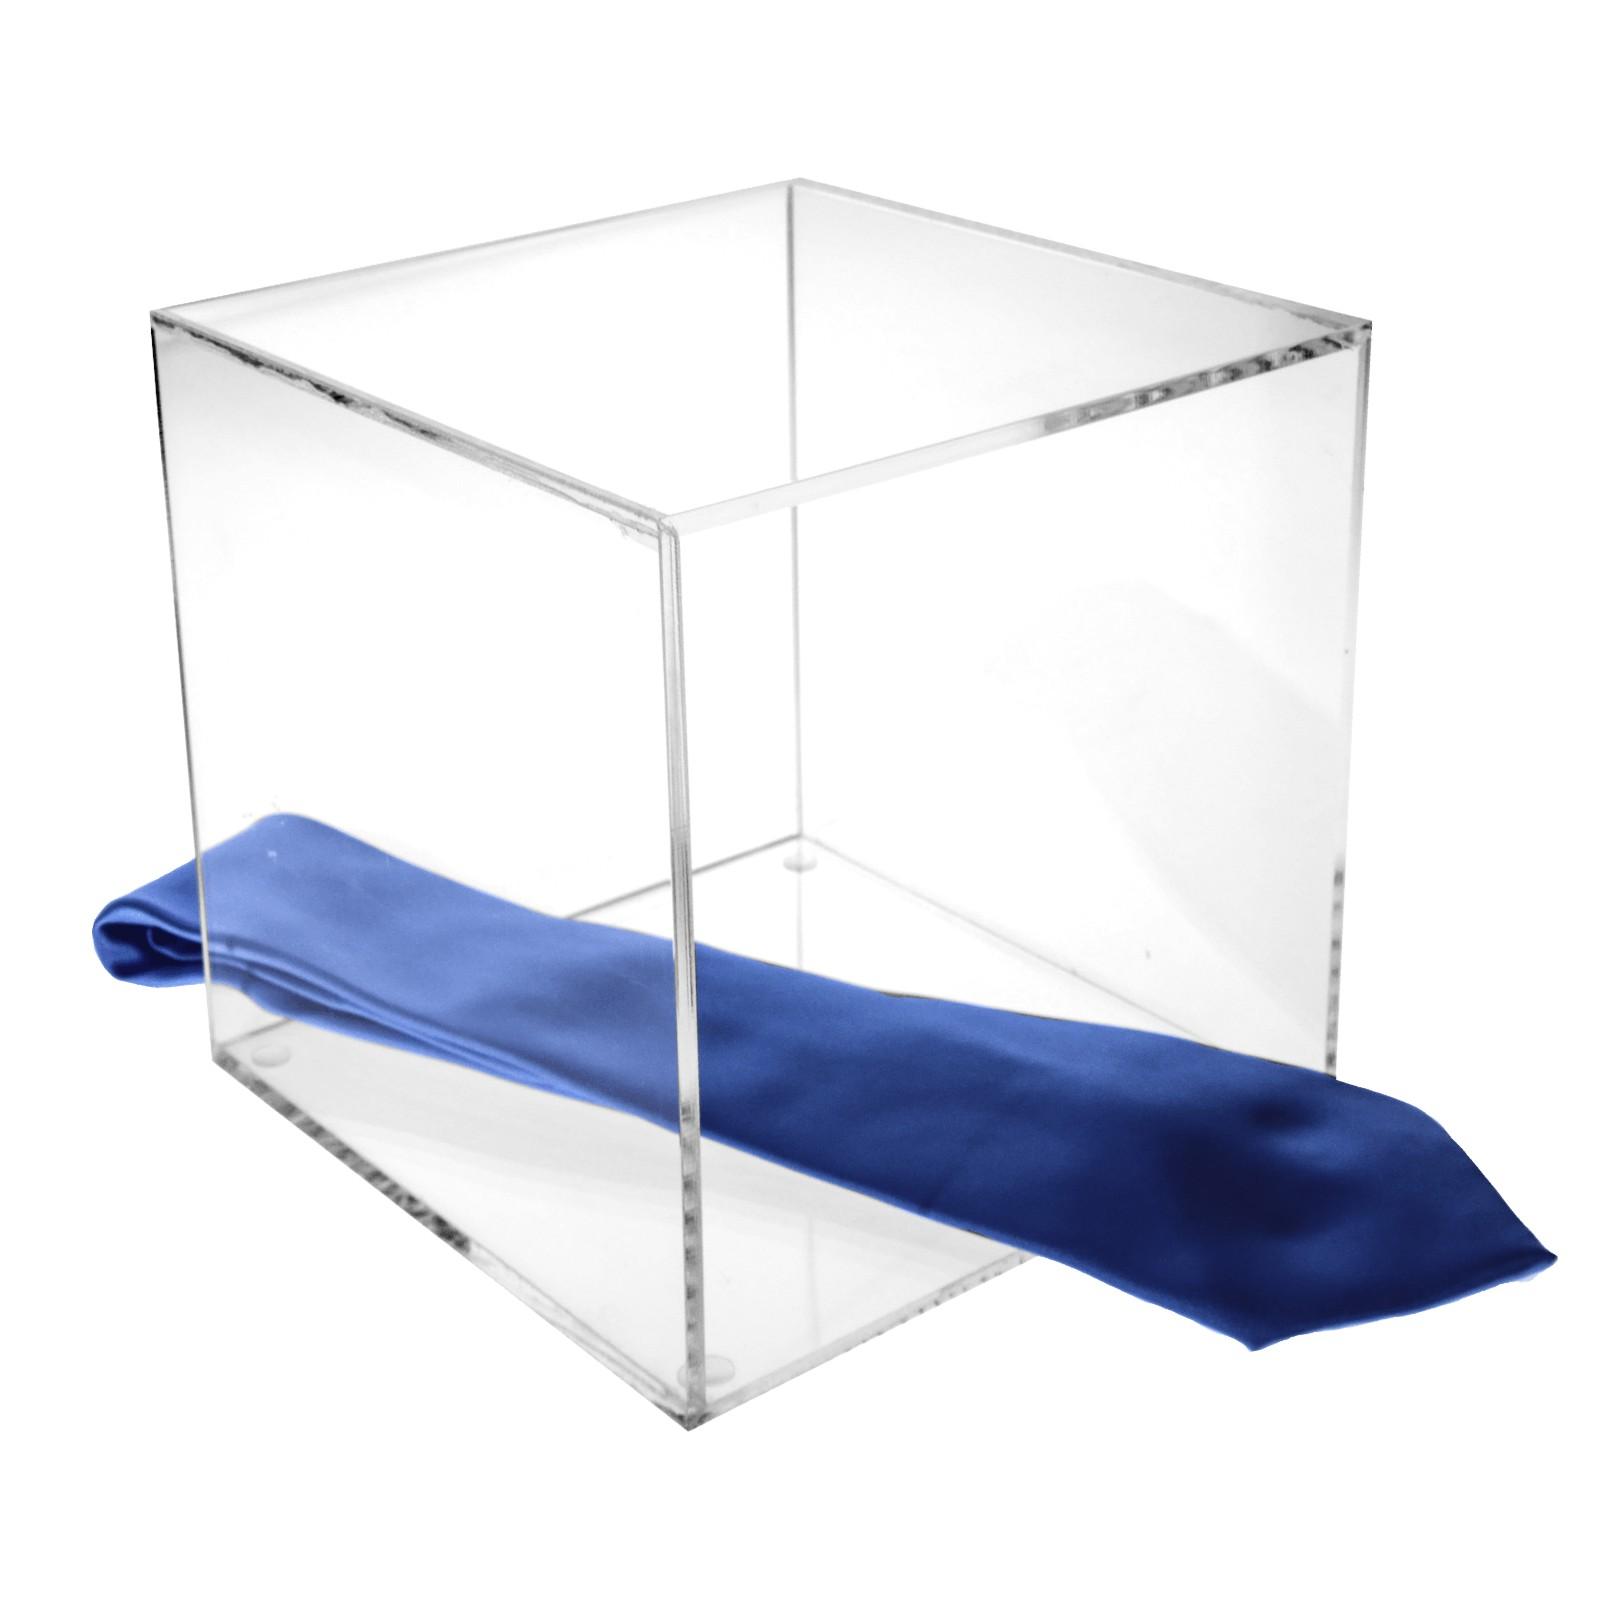 Espositori personalizzabili in plexiglass